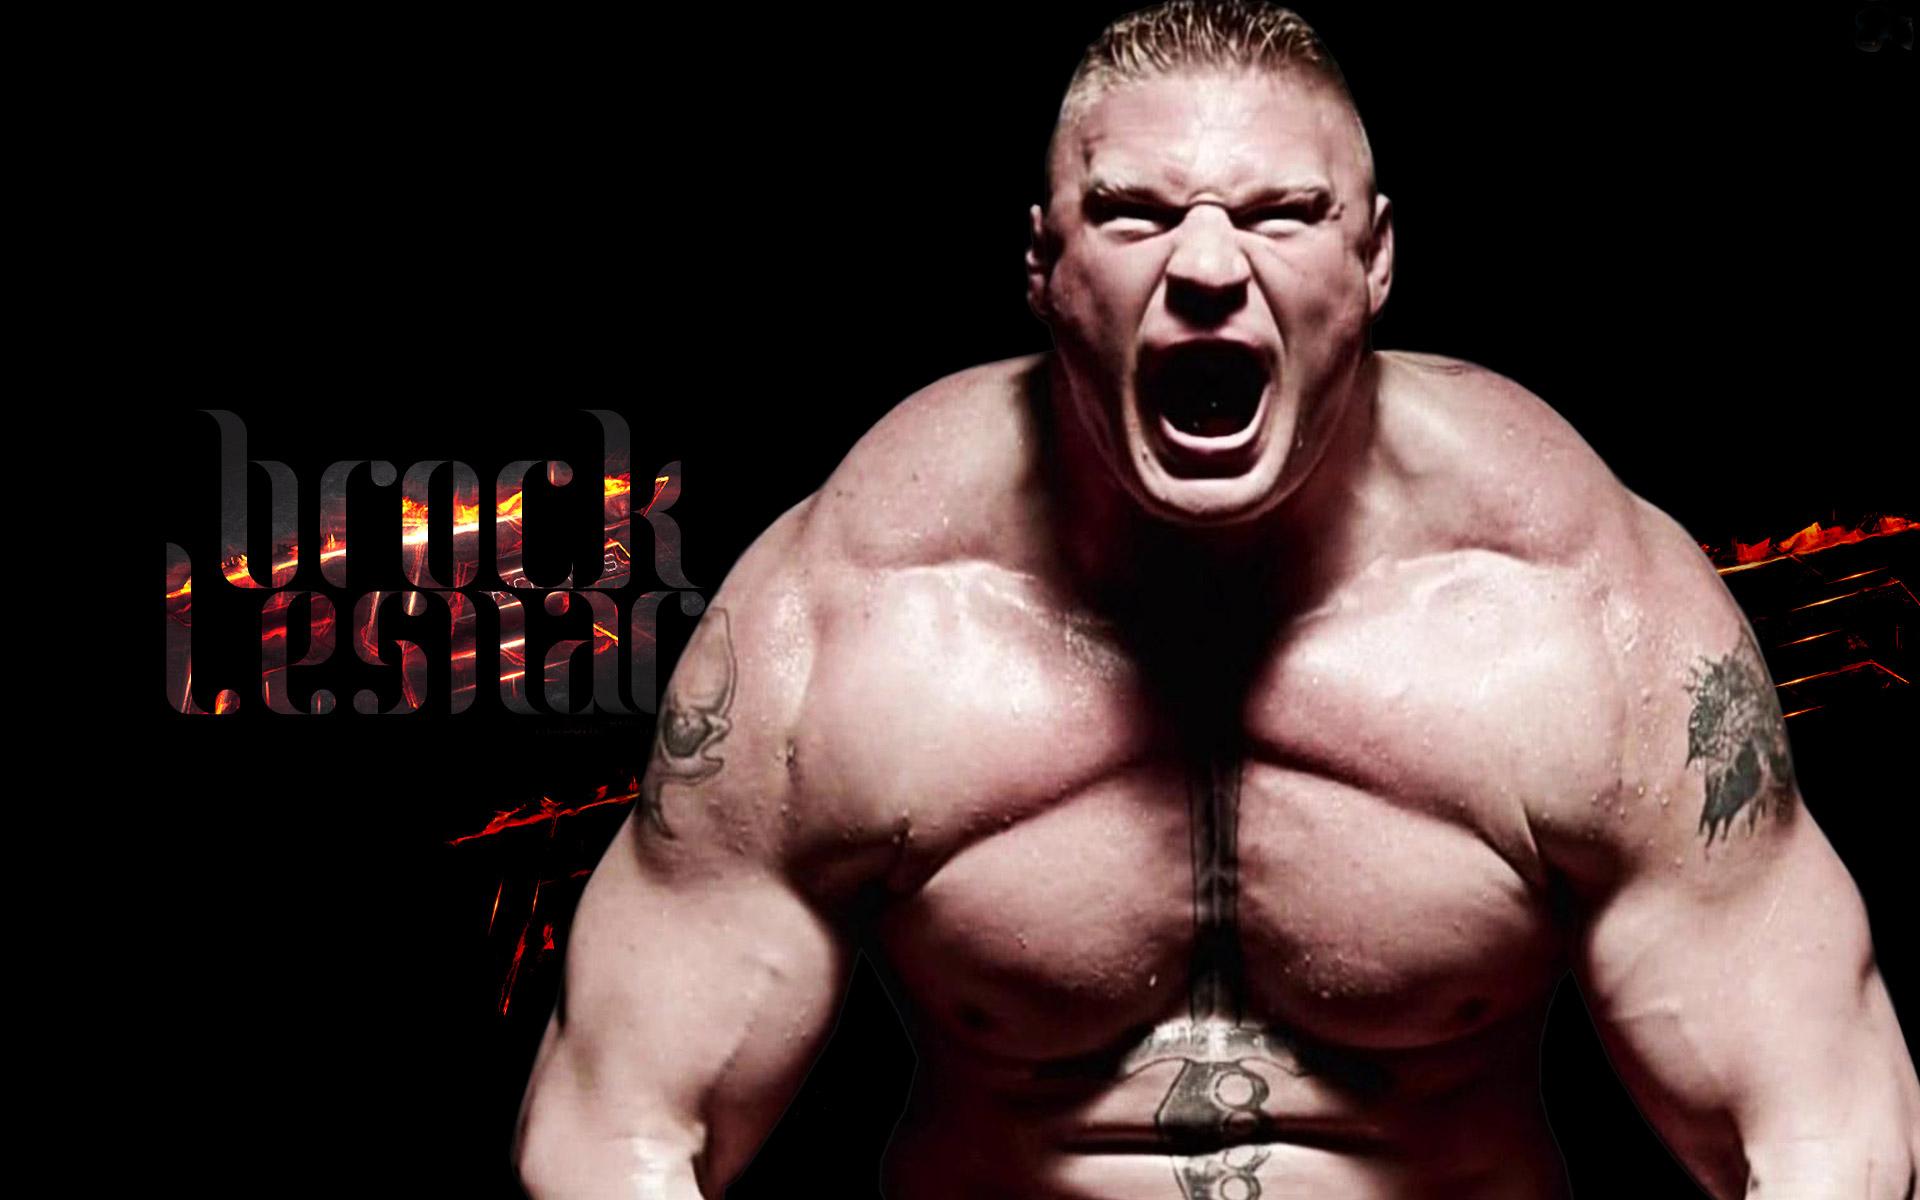 Brock%2dlesnar%2dnew%2dwallpaper